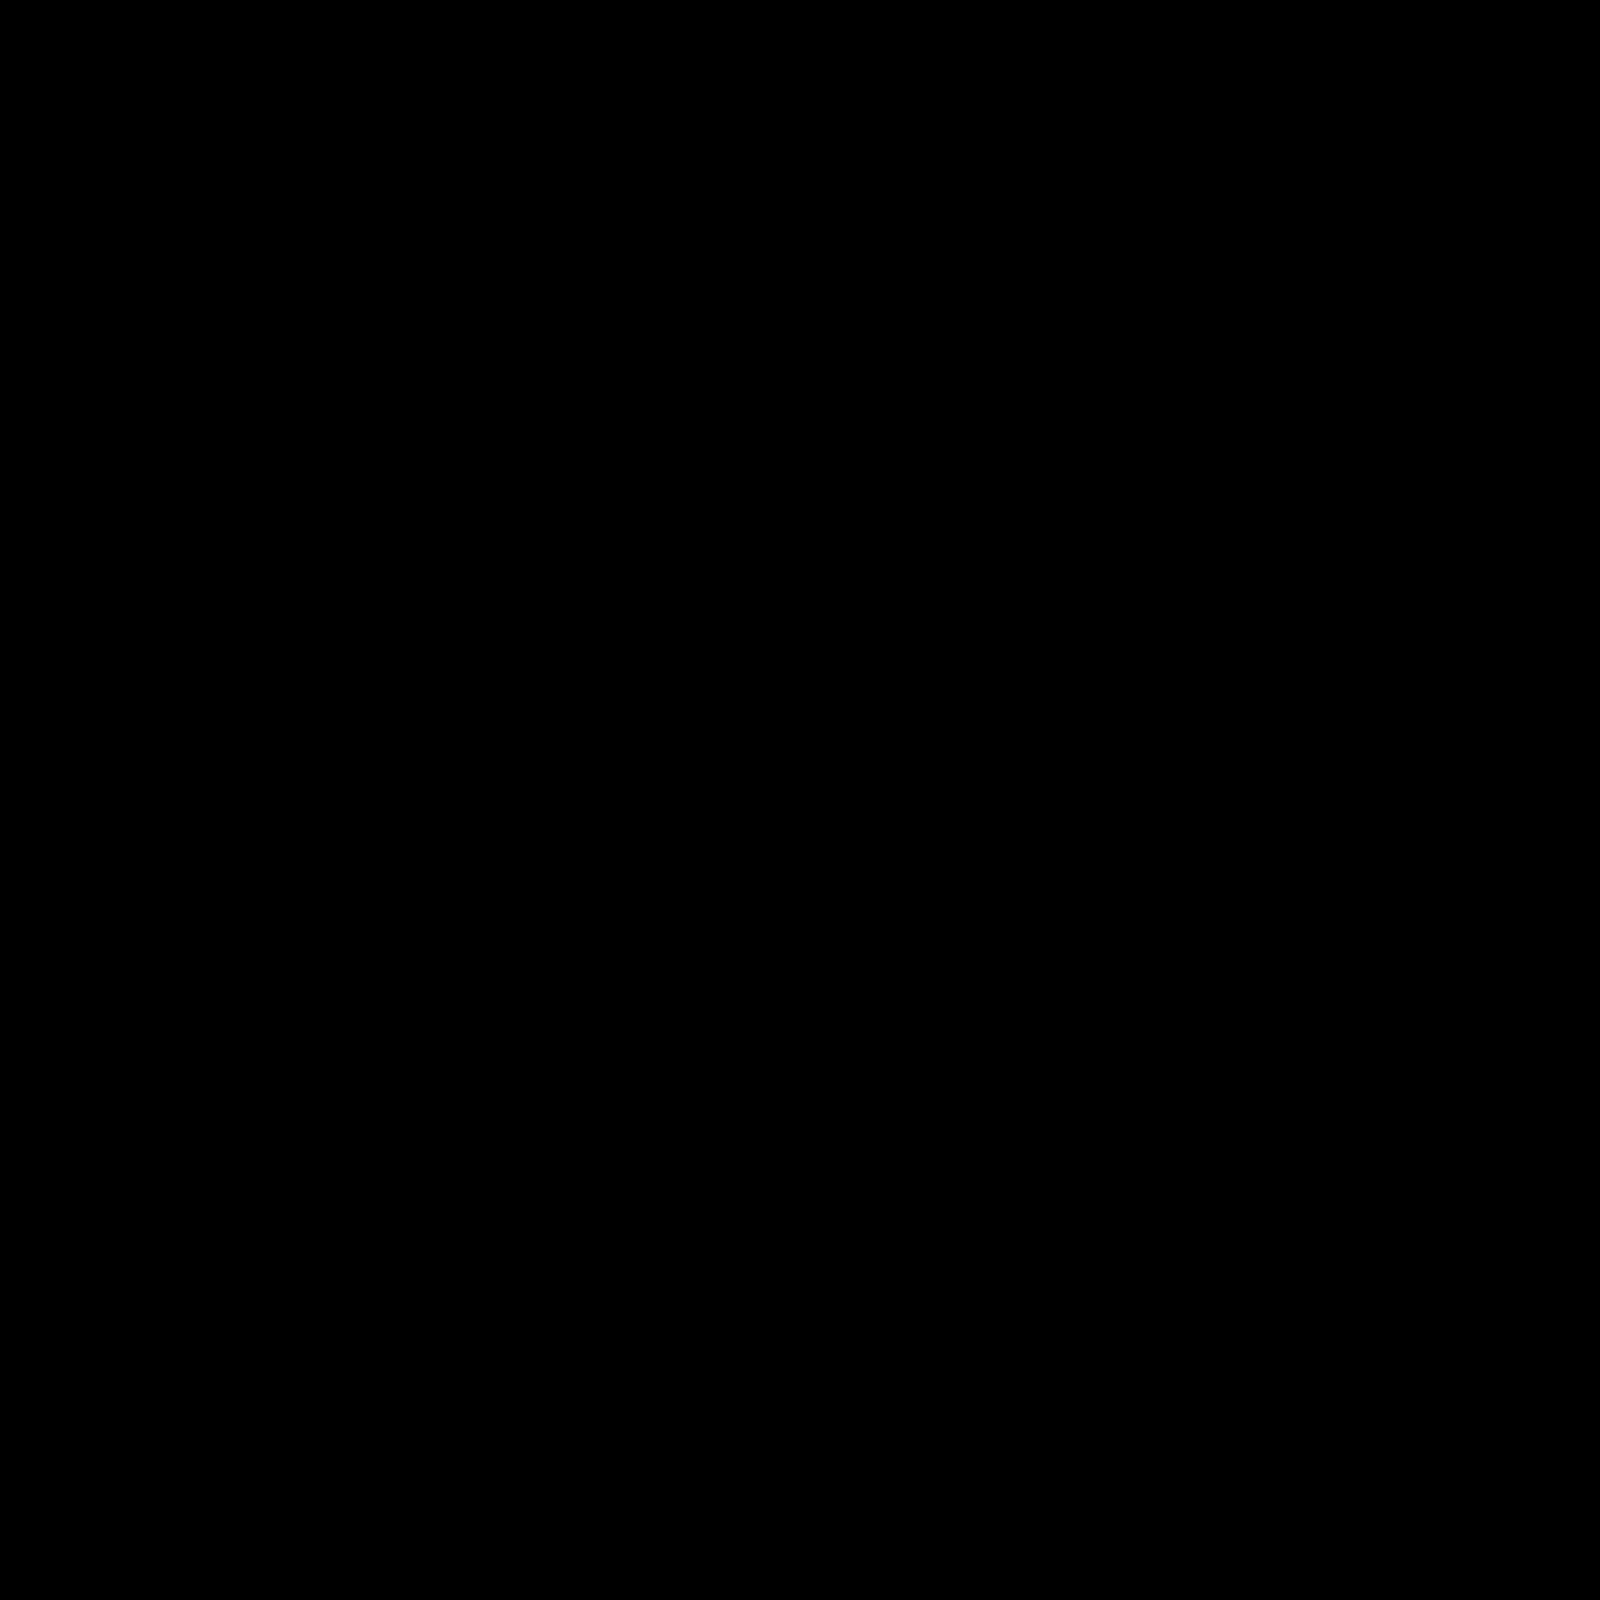 Performance Macbook icon